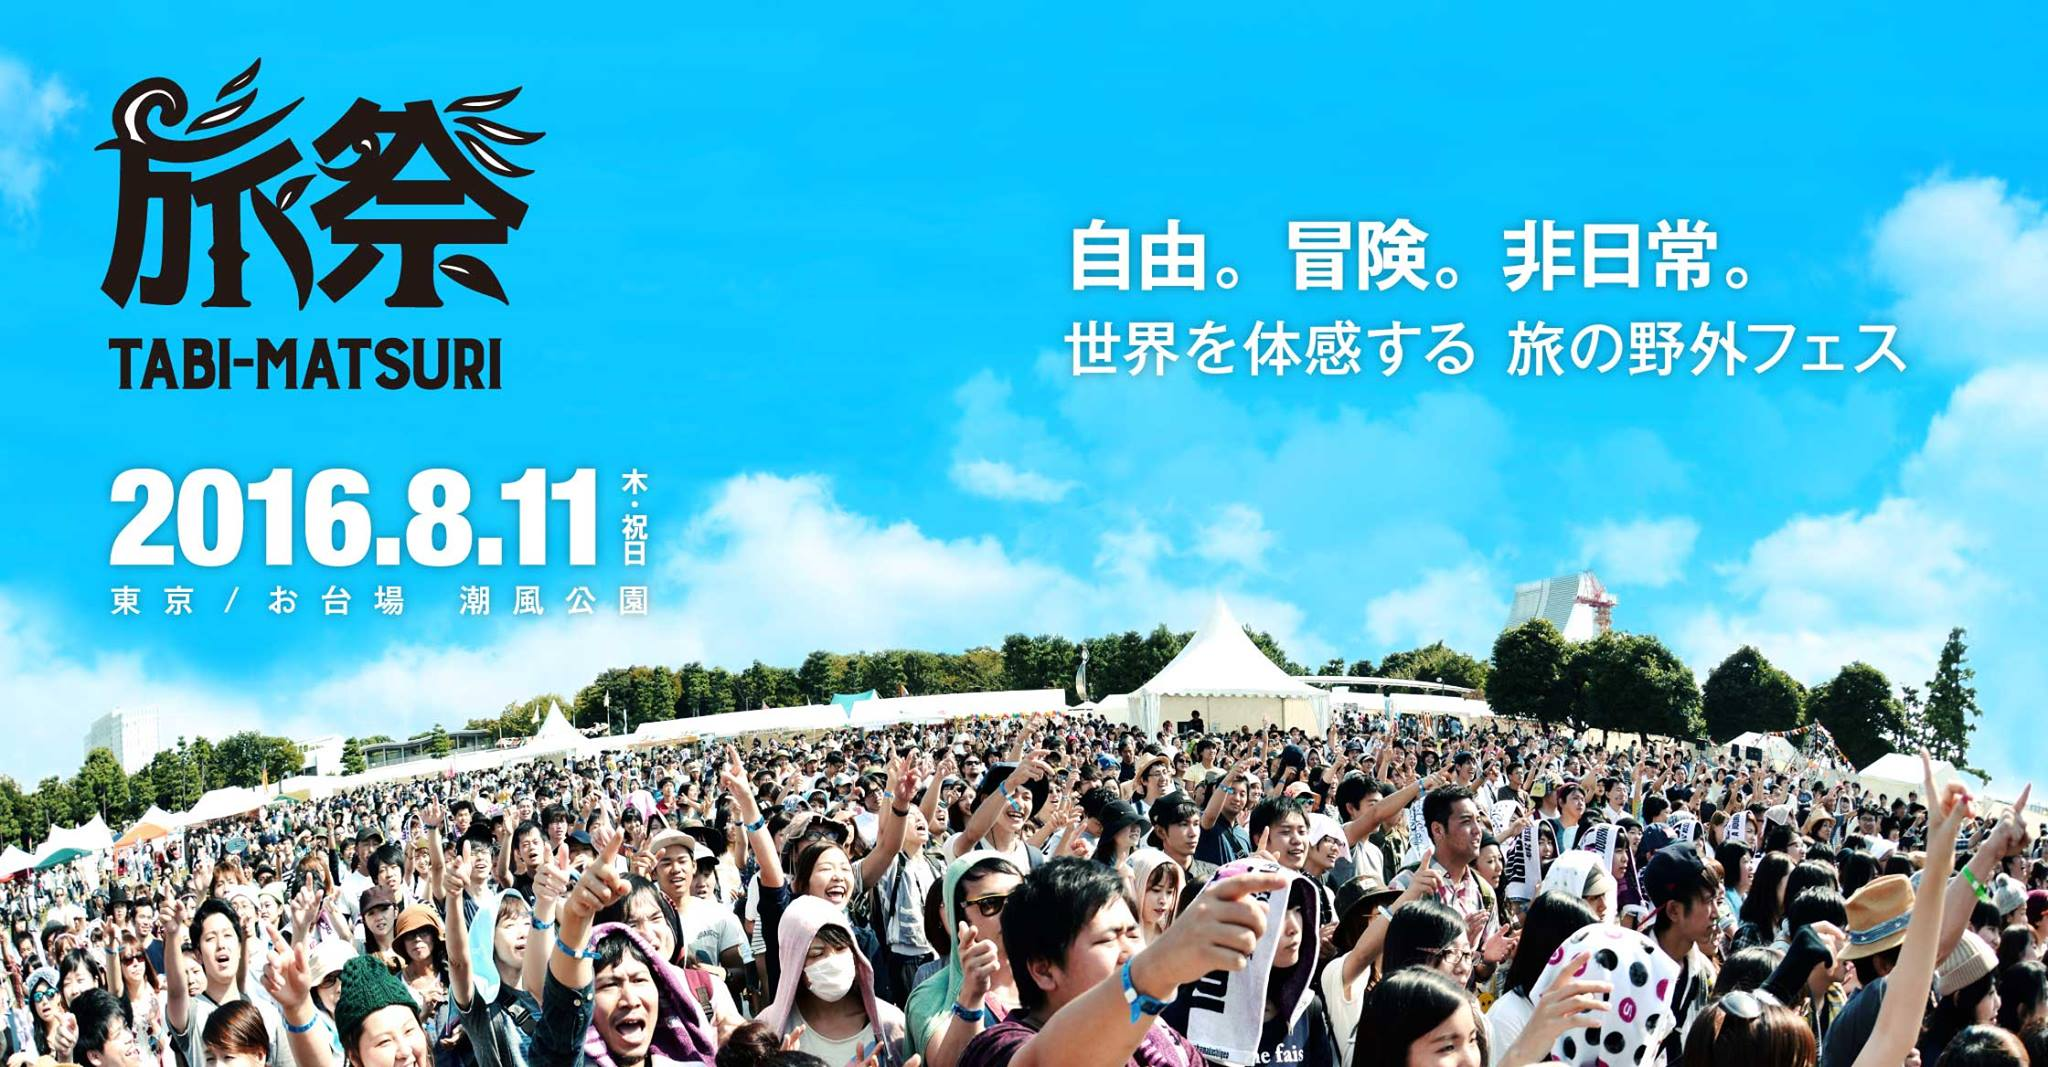 2016/8/11@お台場 旅祭